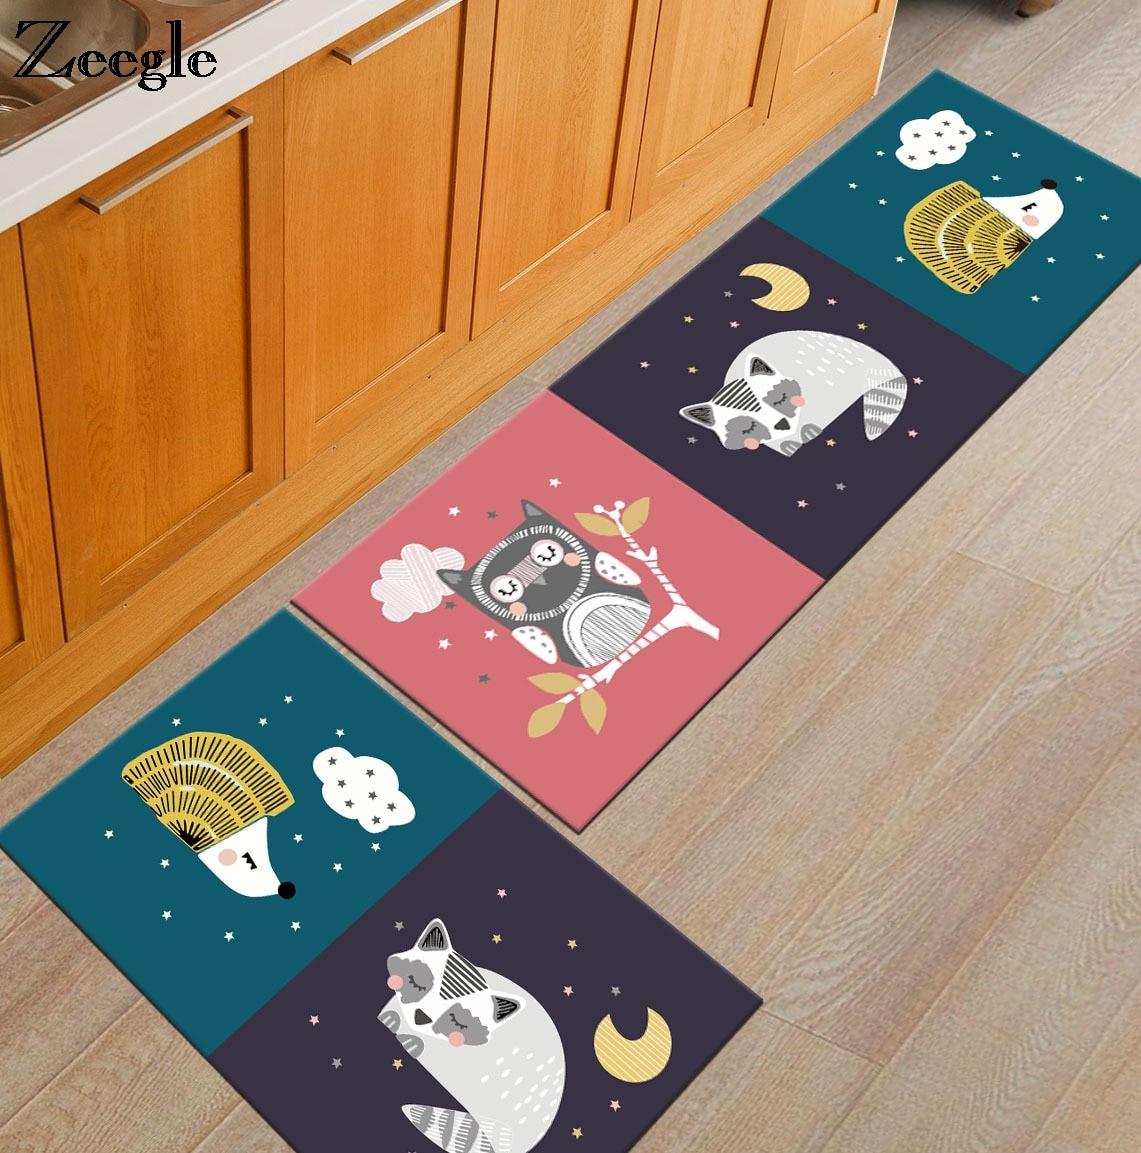 Zeegle мультфильм забавные коврики против скольжения Кухня коврики Кофе стол коврики мягкие Спальня прикроватные коврики прихожей ковер